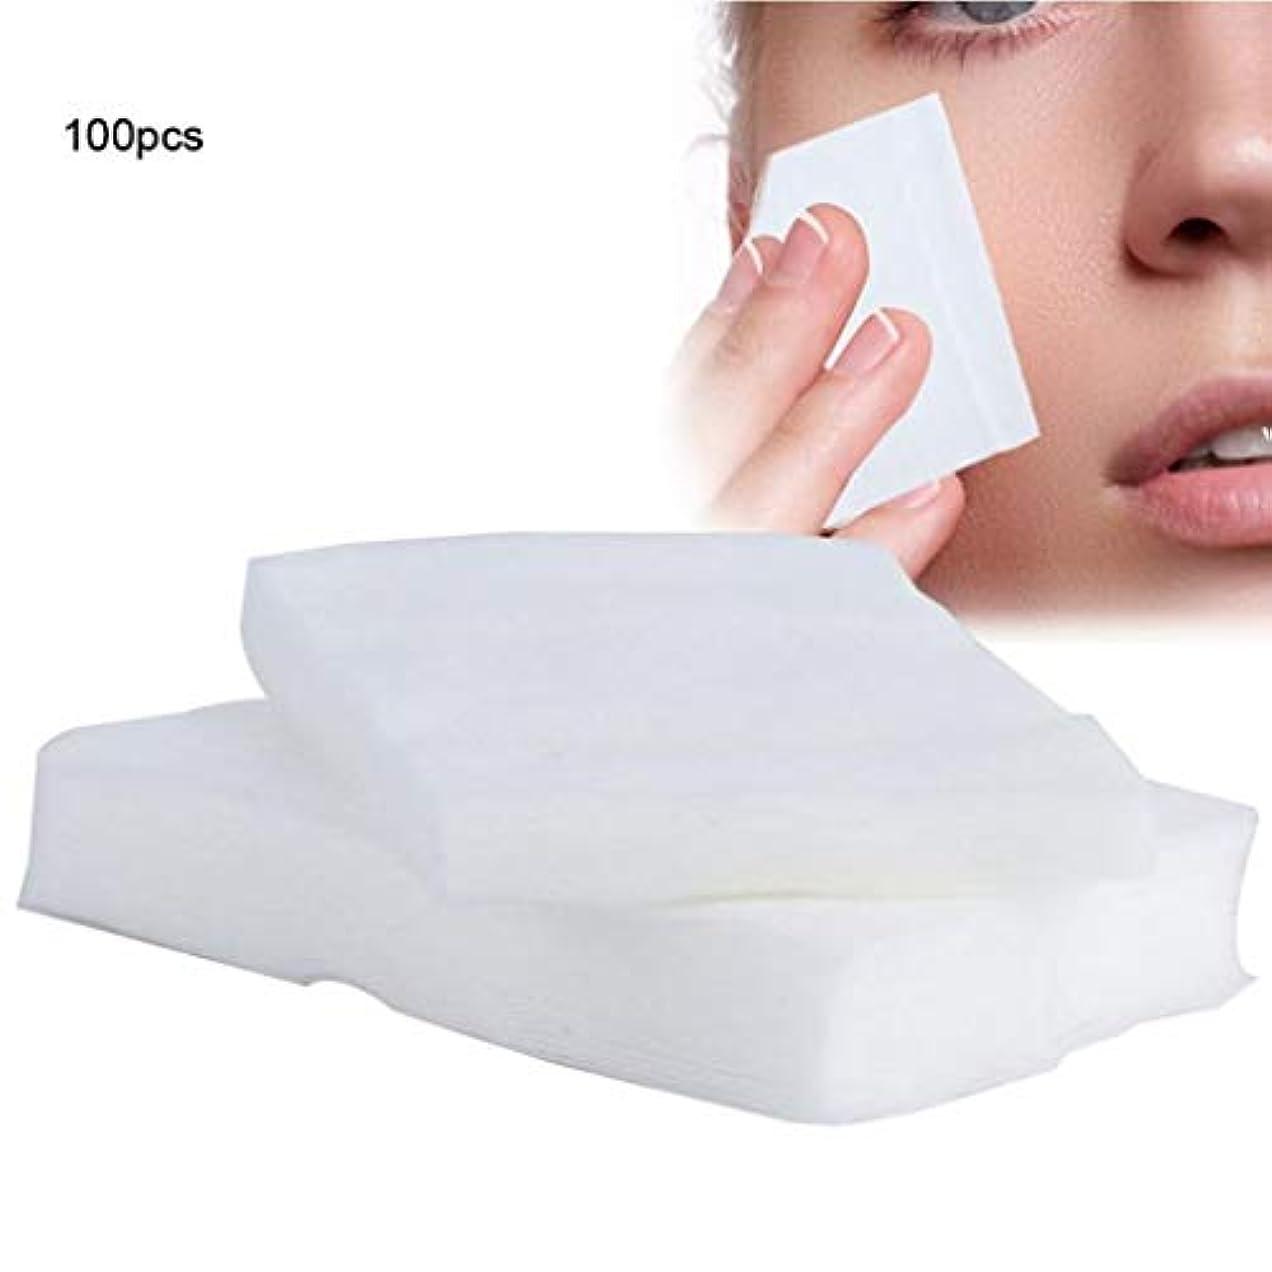 研磨剤送金同時クレンジングシート 100ピース化粧コットンパッド使い捨て化粧品リムーバーソフトフェイシャルクレンジングワイプペーパータオルメイクアップリムーバーワイプ (Color : White, サイズ : 6*7cm)